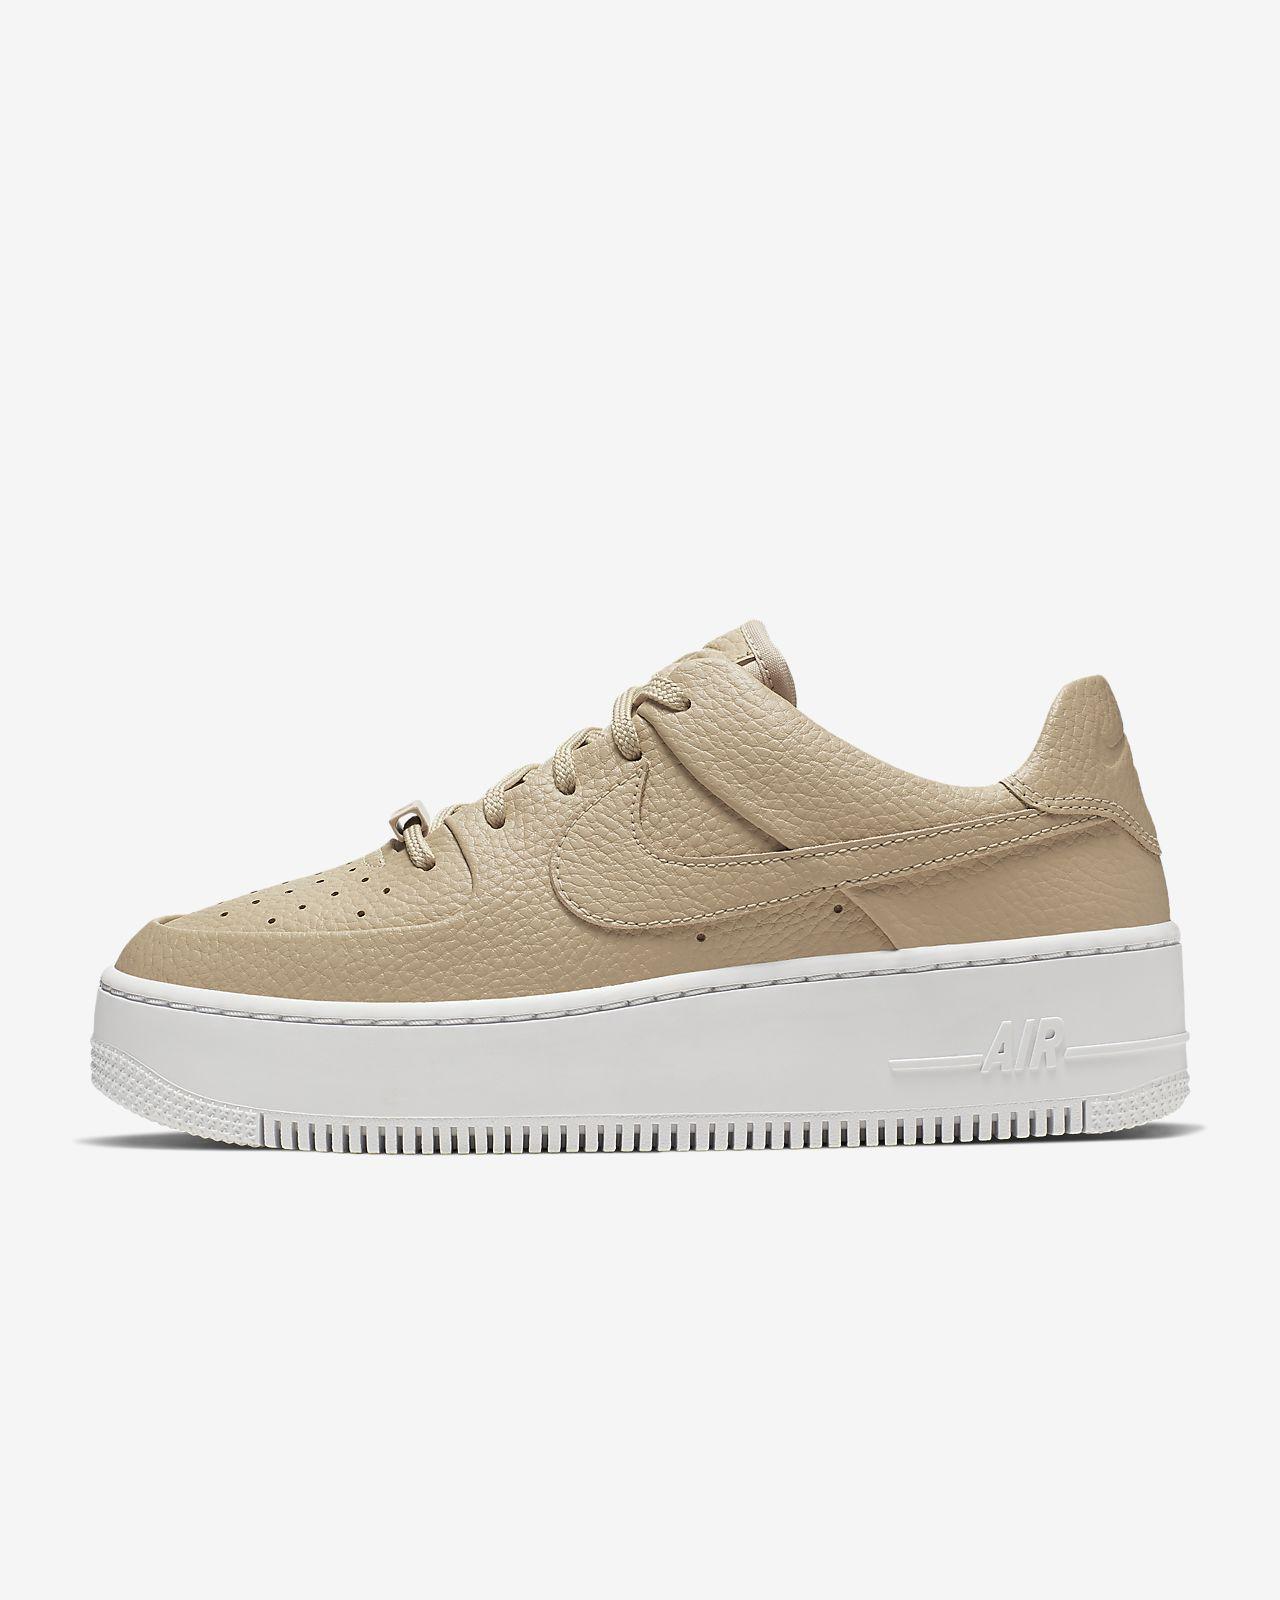 nike air force 1 mujer beige